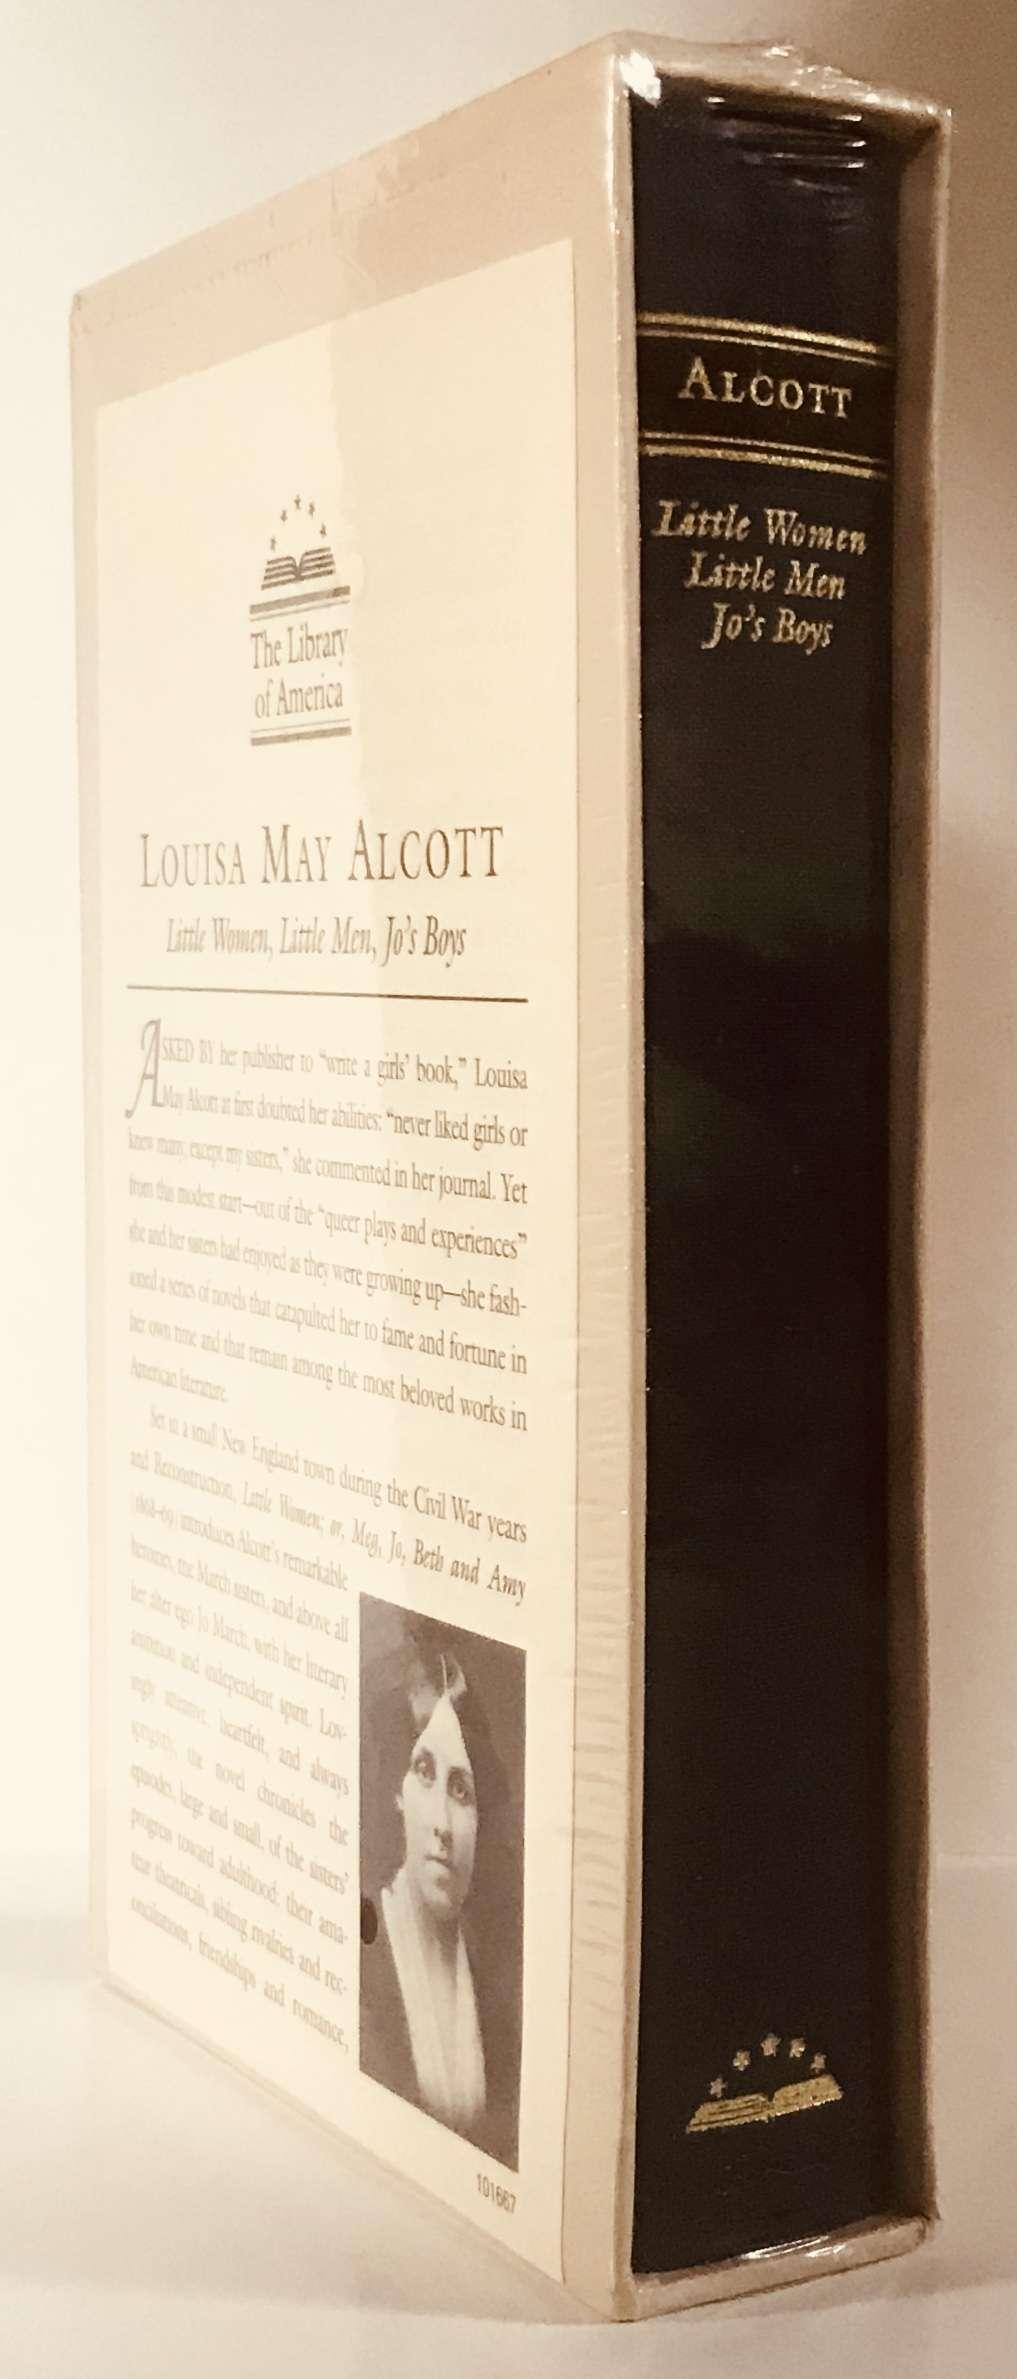 Little Women, Little Men, Jo's Boys, Alcott, Louisa May